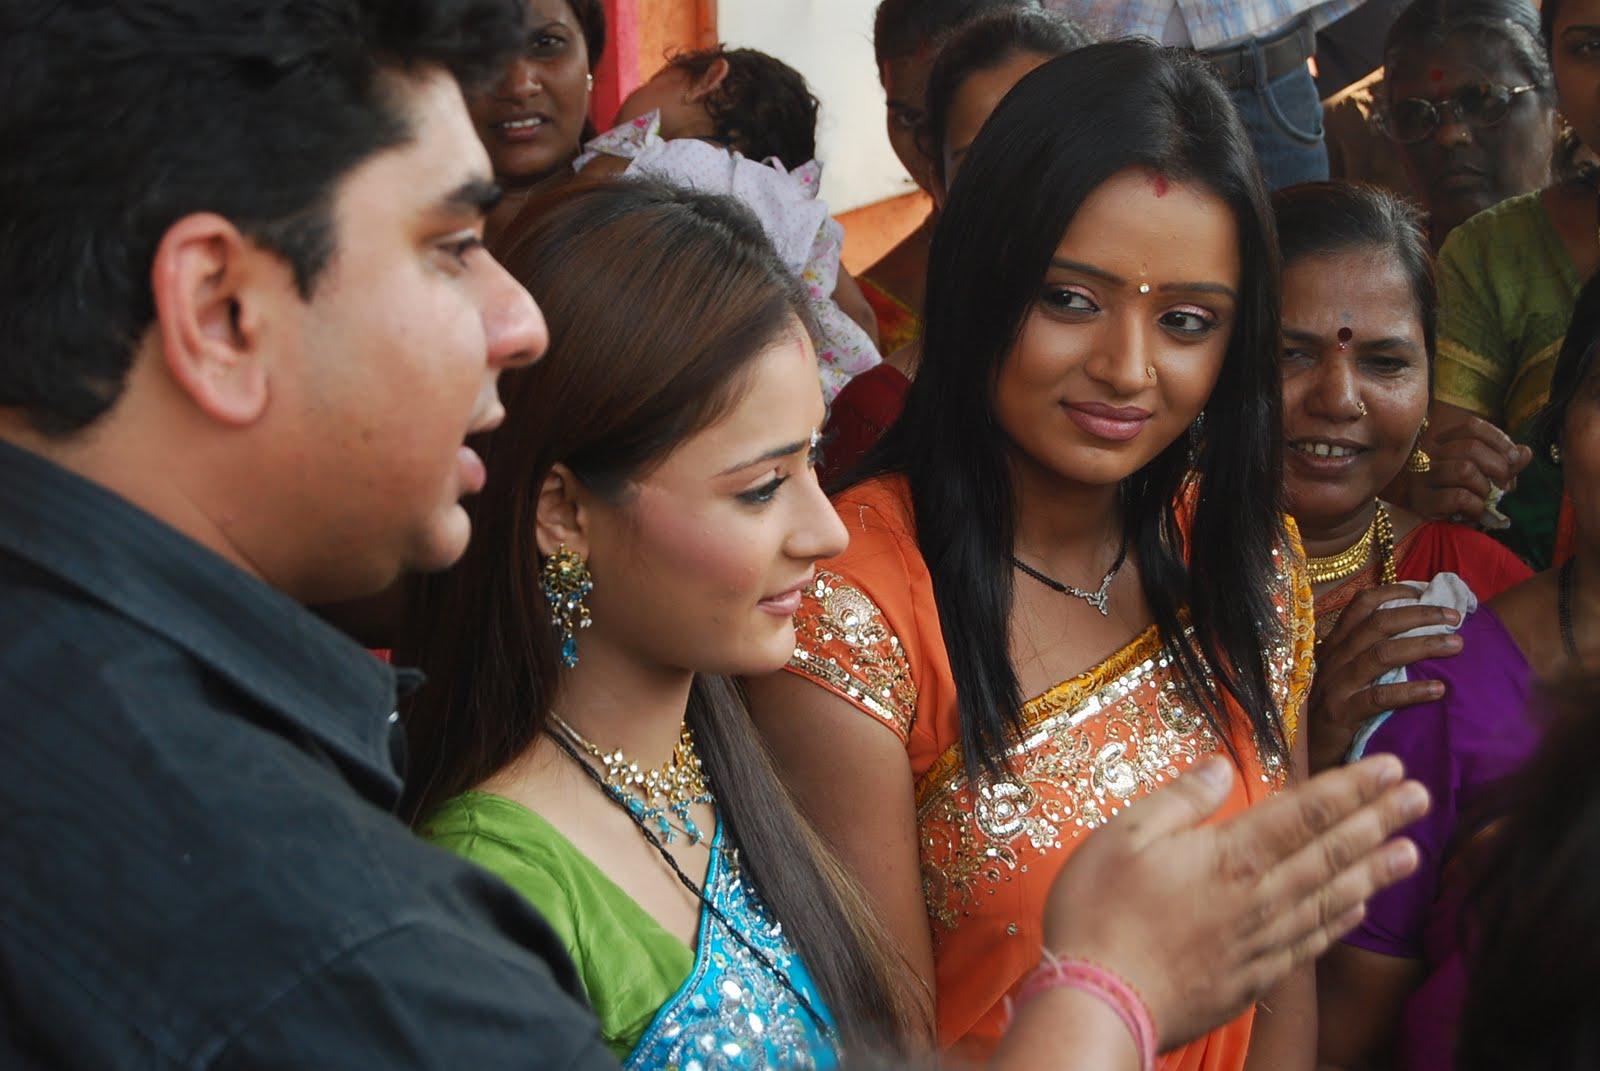 Hindi drama serial star plus / White collar season 6 ending